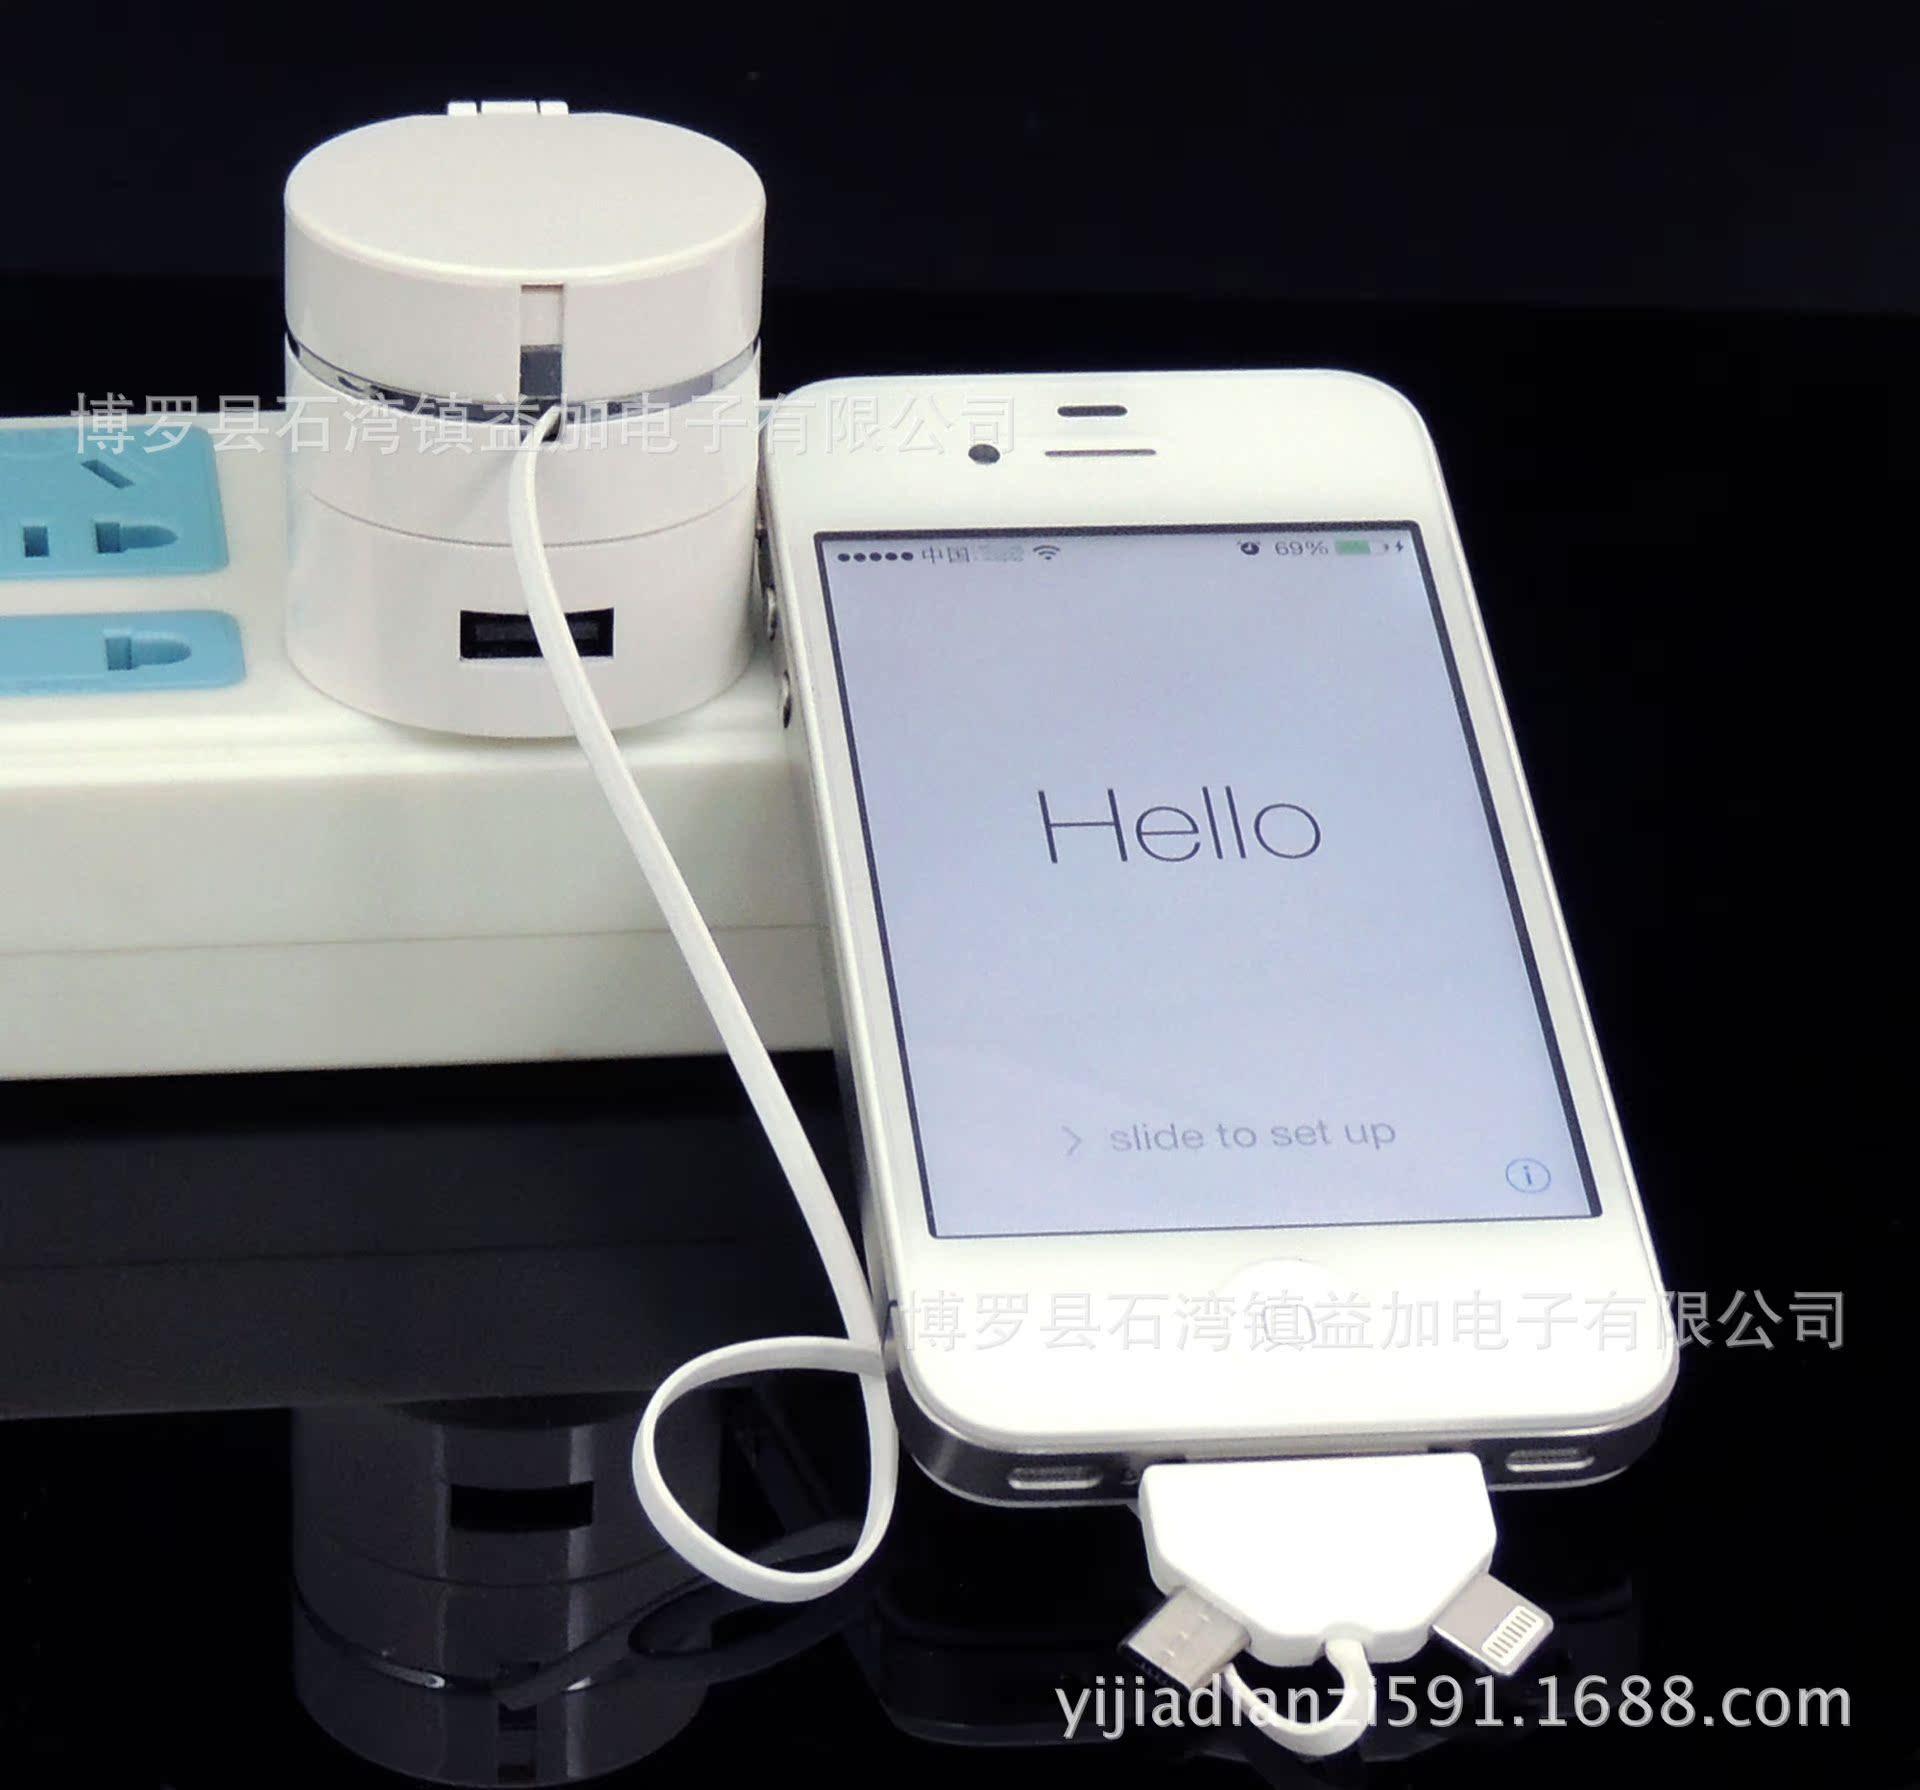 代工OEM小米三星电脑手机v代工多功外连U工厂接小米苹果图片